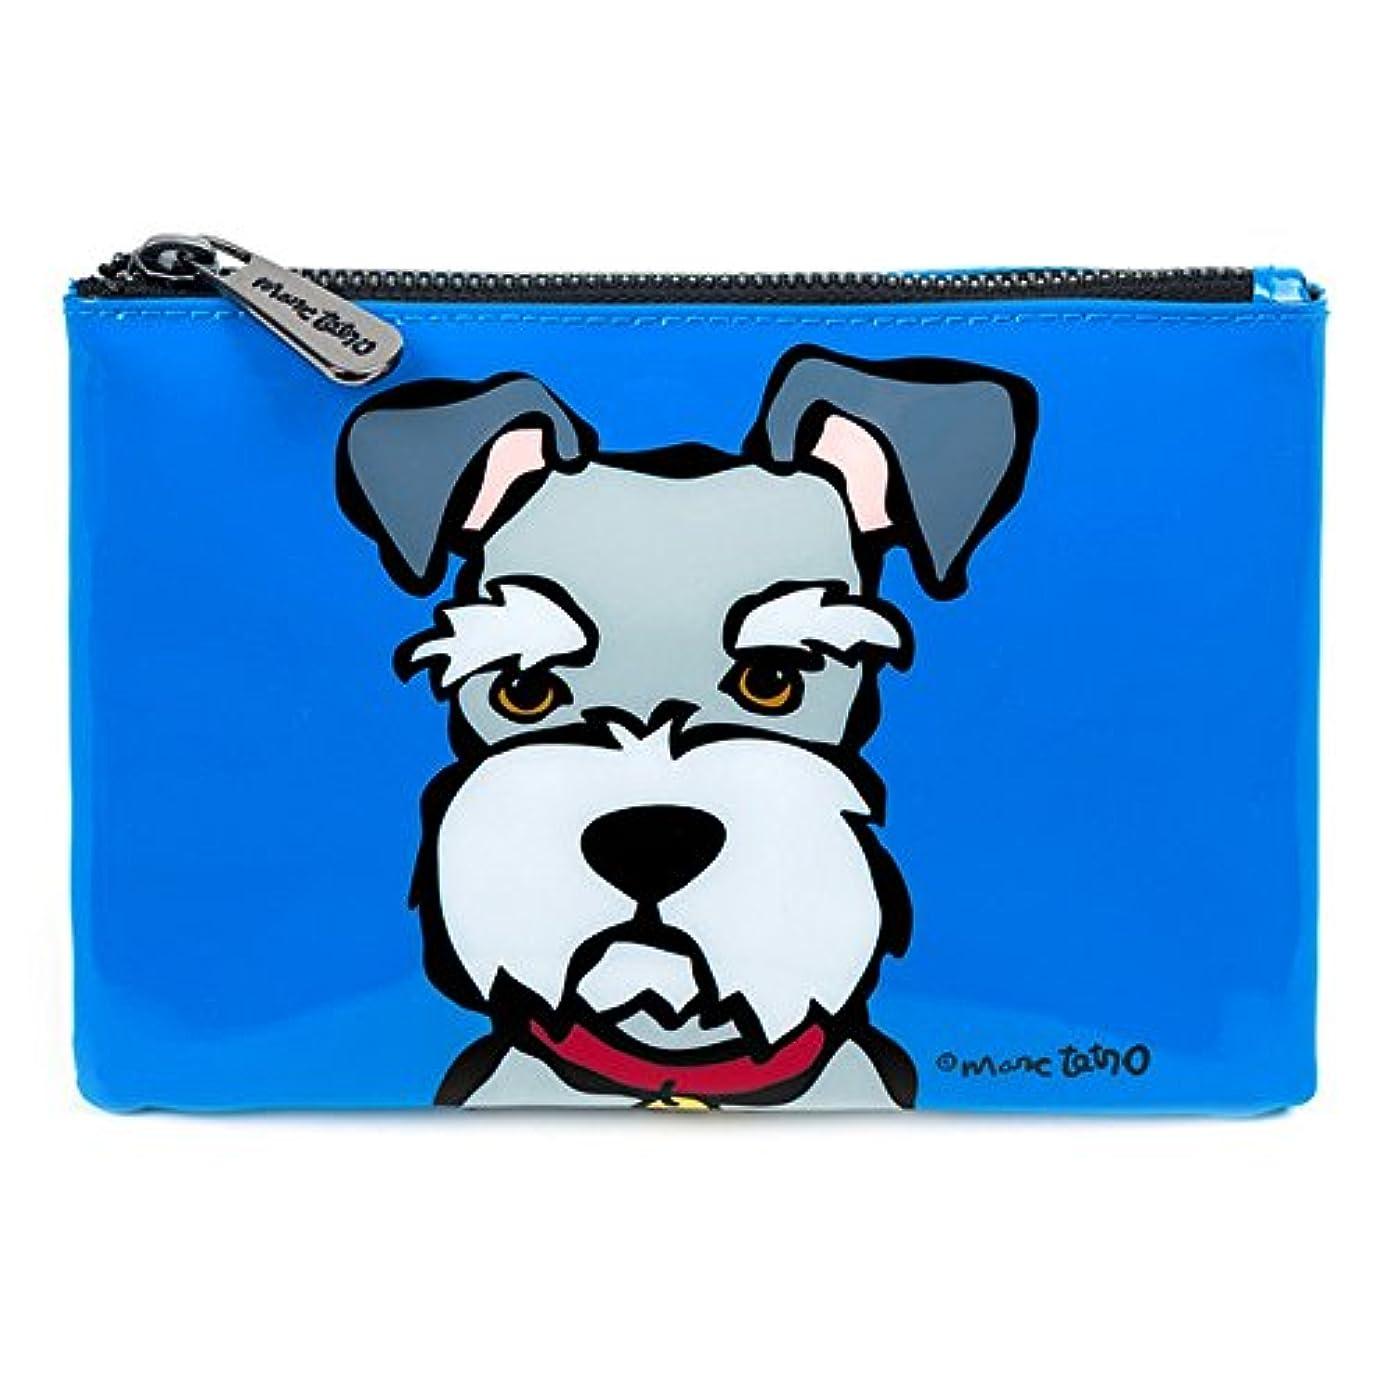 習字風景ハシーシュナウザー コスメバッグ 防水PVC ファスナー式 化粧ポーチ 小物入れ 13.5cm x 19cm 犬デザイン ミニバッグ Cosmetic Bag